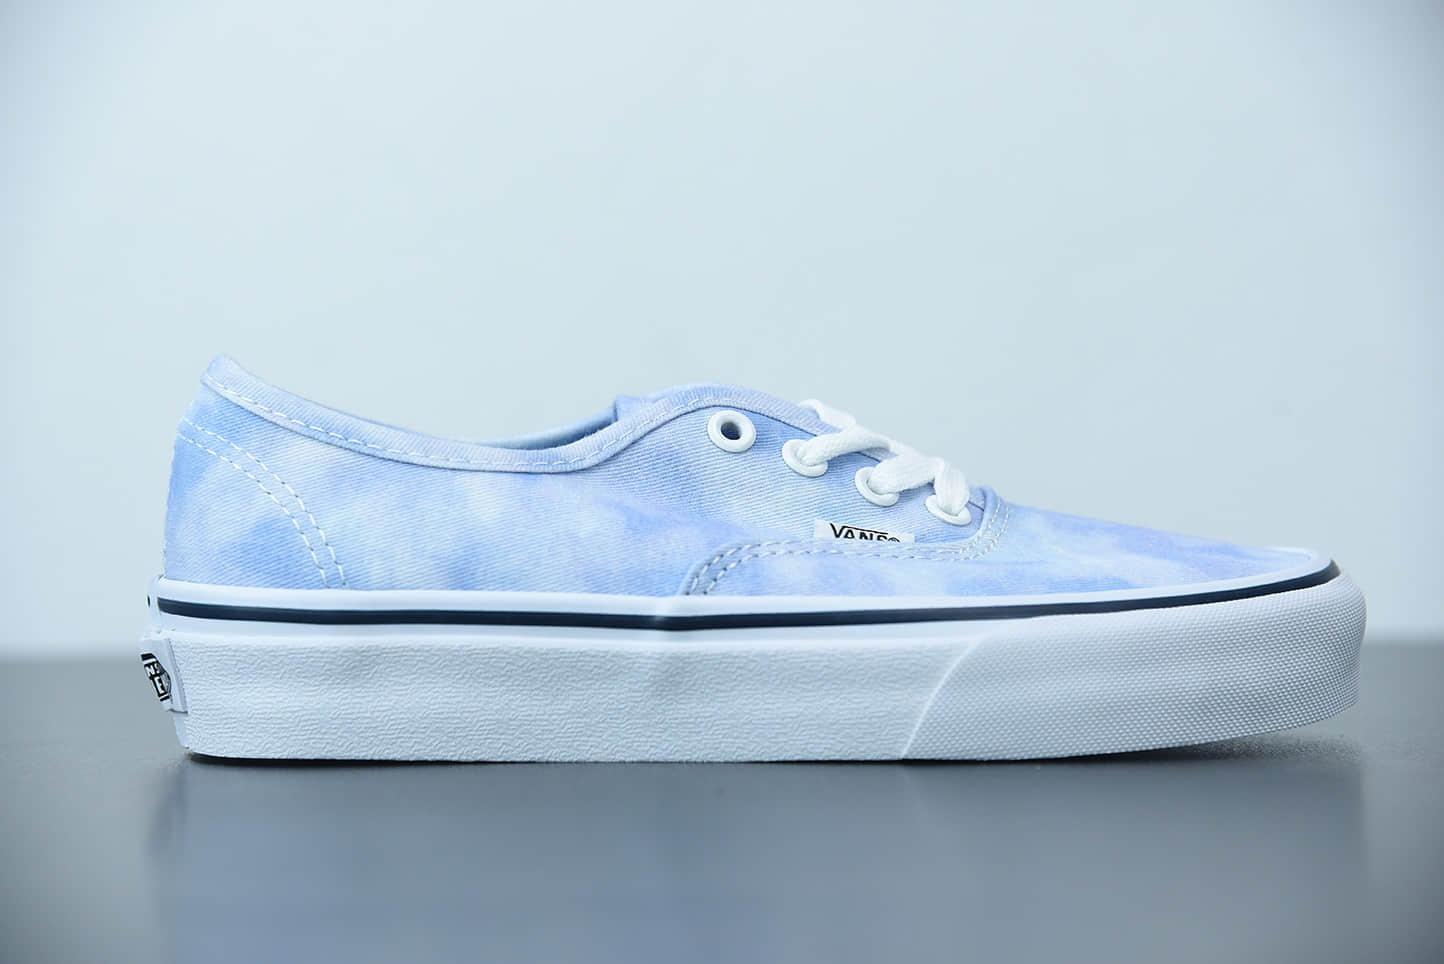 万斯Vans Authentic Lx奶蓝白蓝低帮硫化板鞋纯原版本 货号: VN0003B9IWC